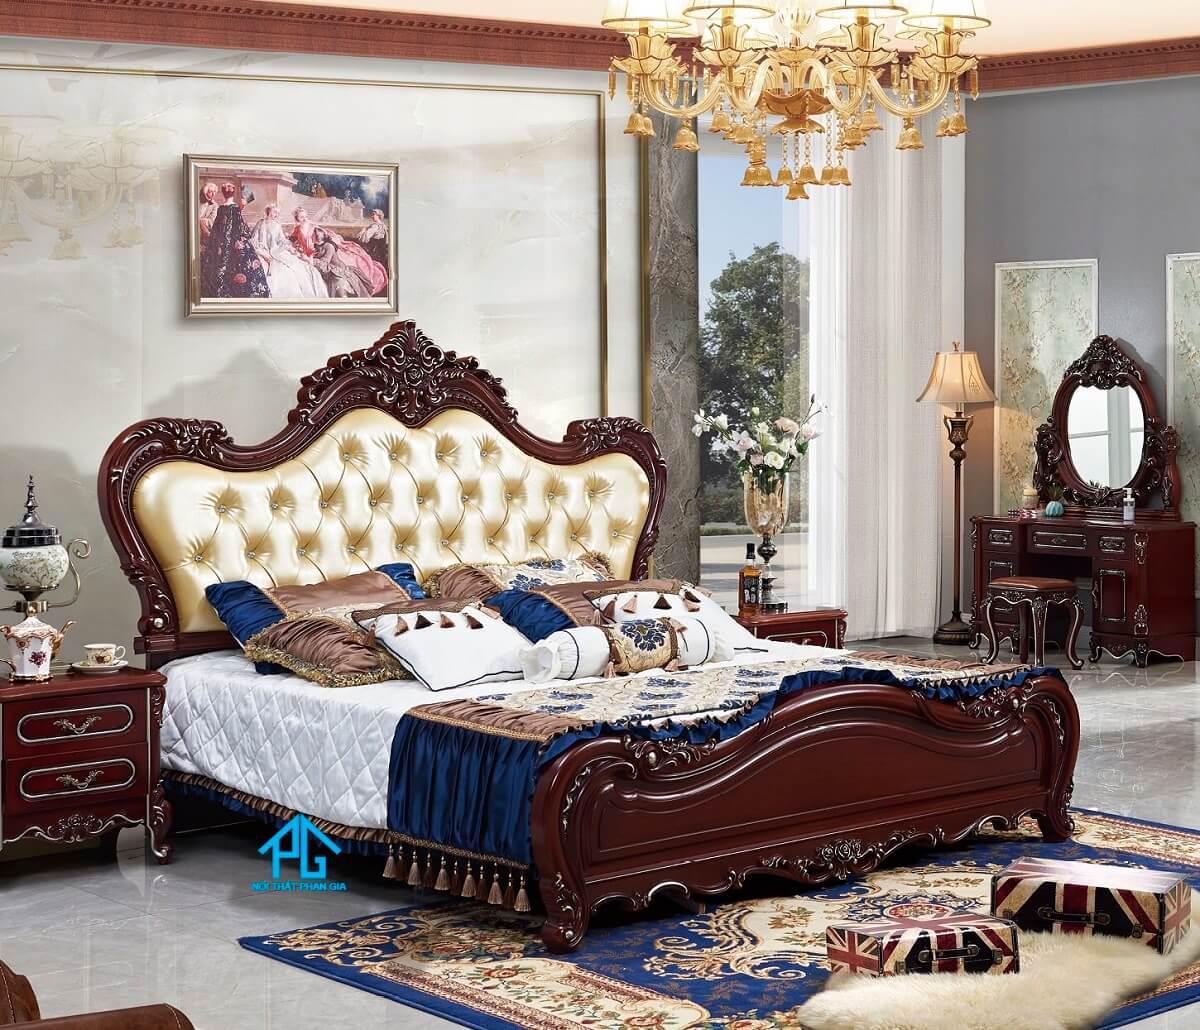 mẫu giường ngủ khách sạn;